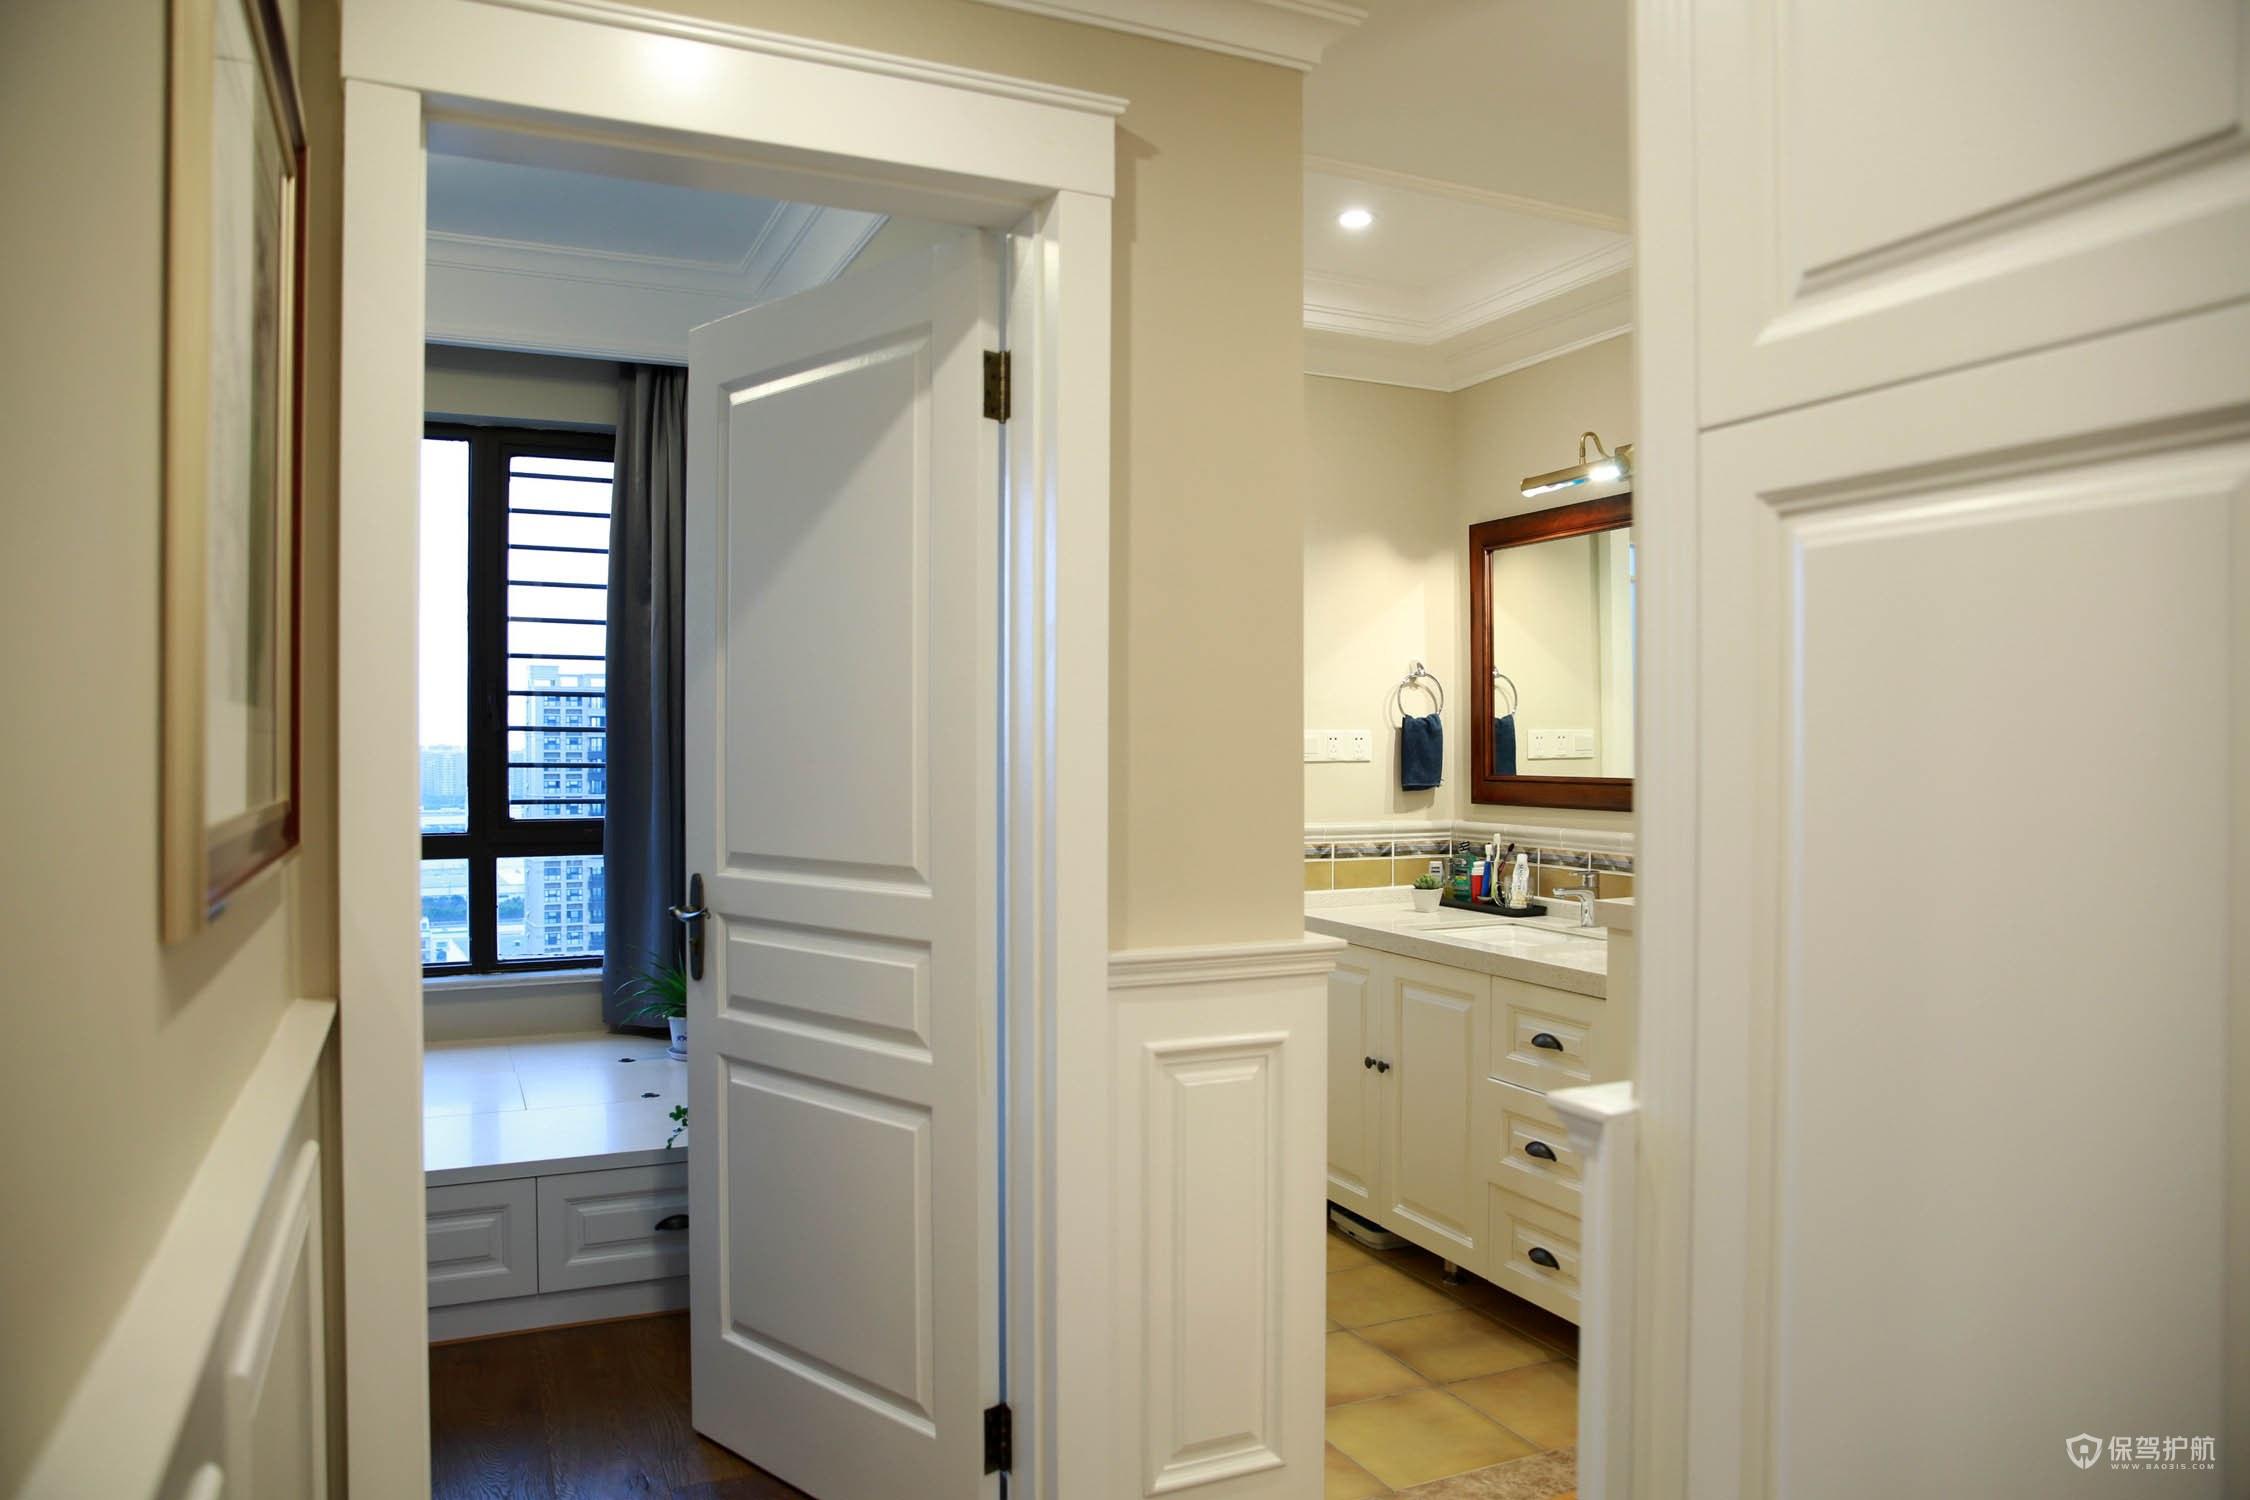 卫生间小飞虫根治办法,卫生间有小飞虫怎么办?